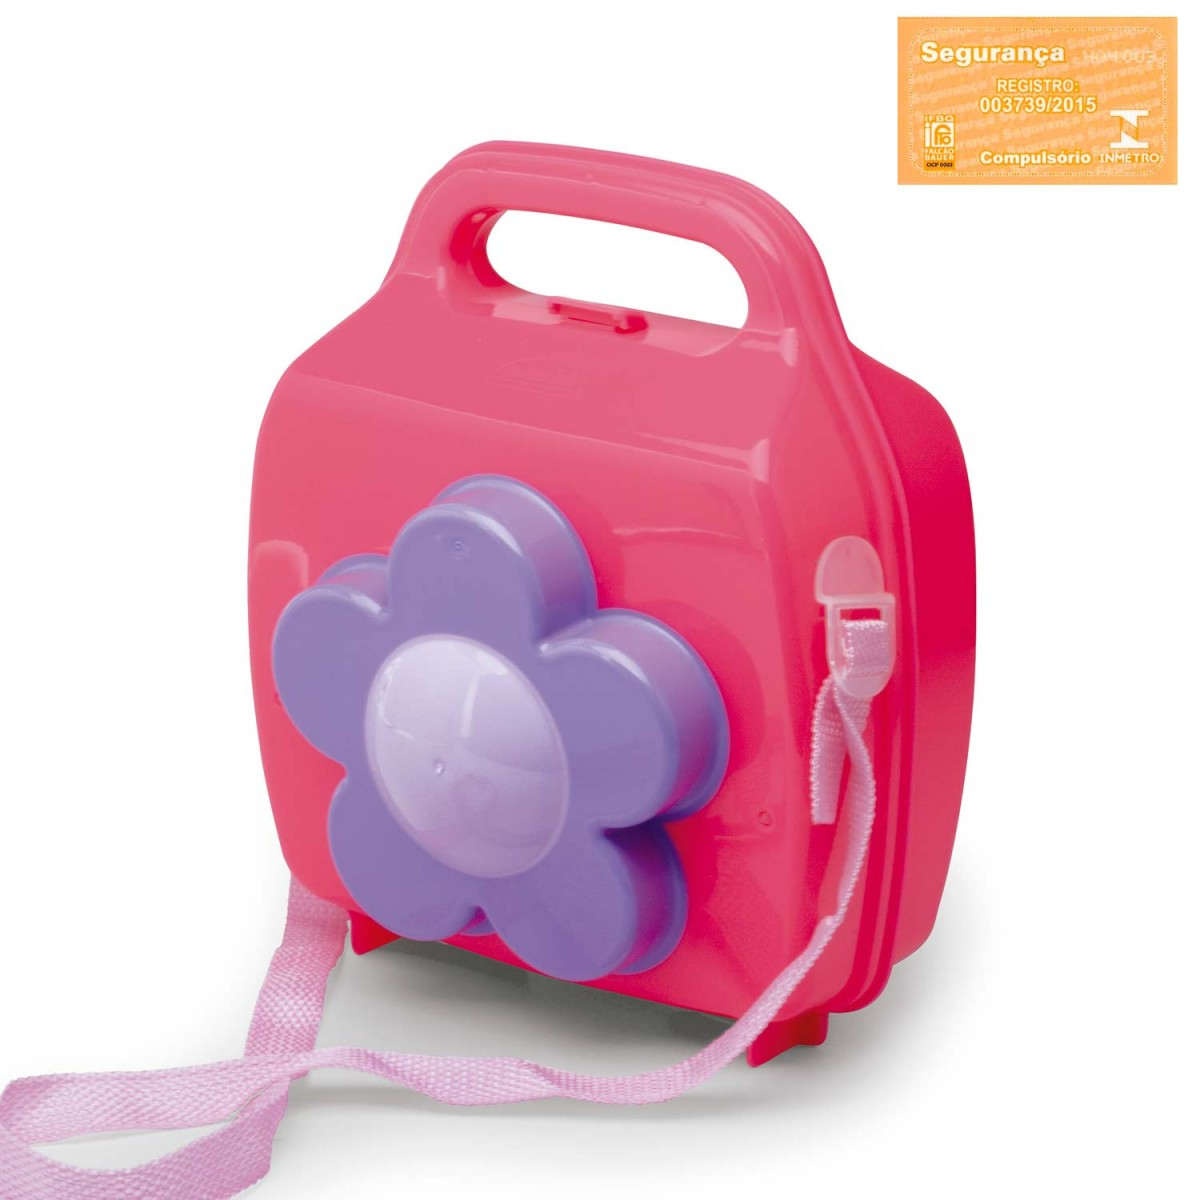 fda7ca23b Lancheira de Plástico com Flor, Pote, Trava e Alças 004866-632 - Rosa -  Loja Plasútil